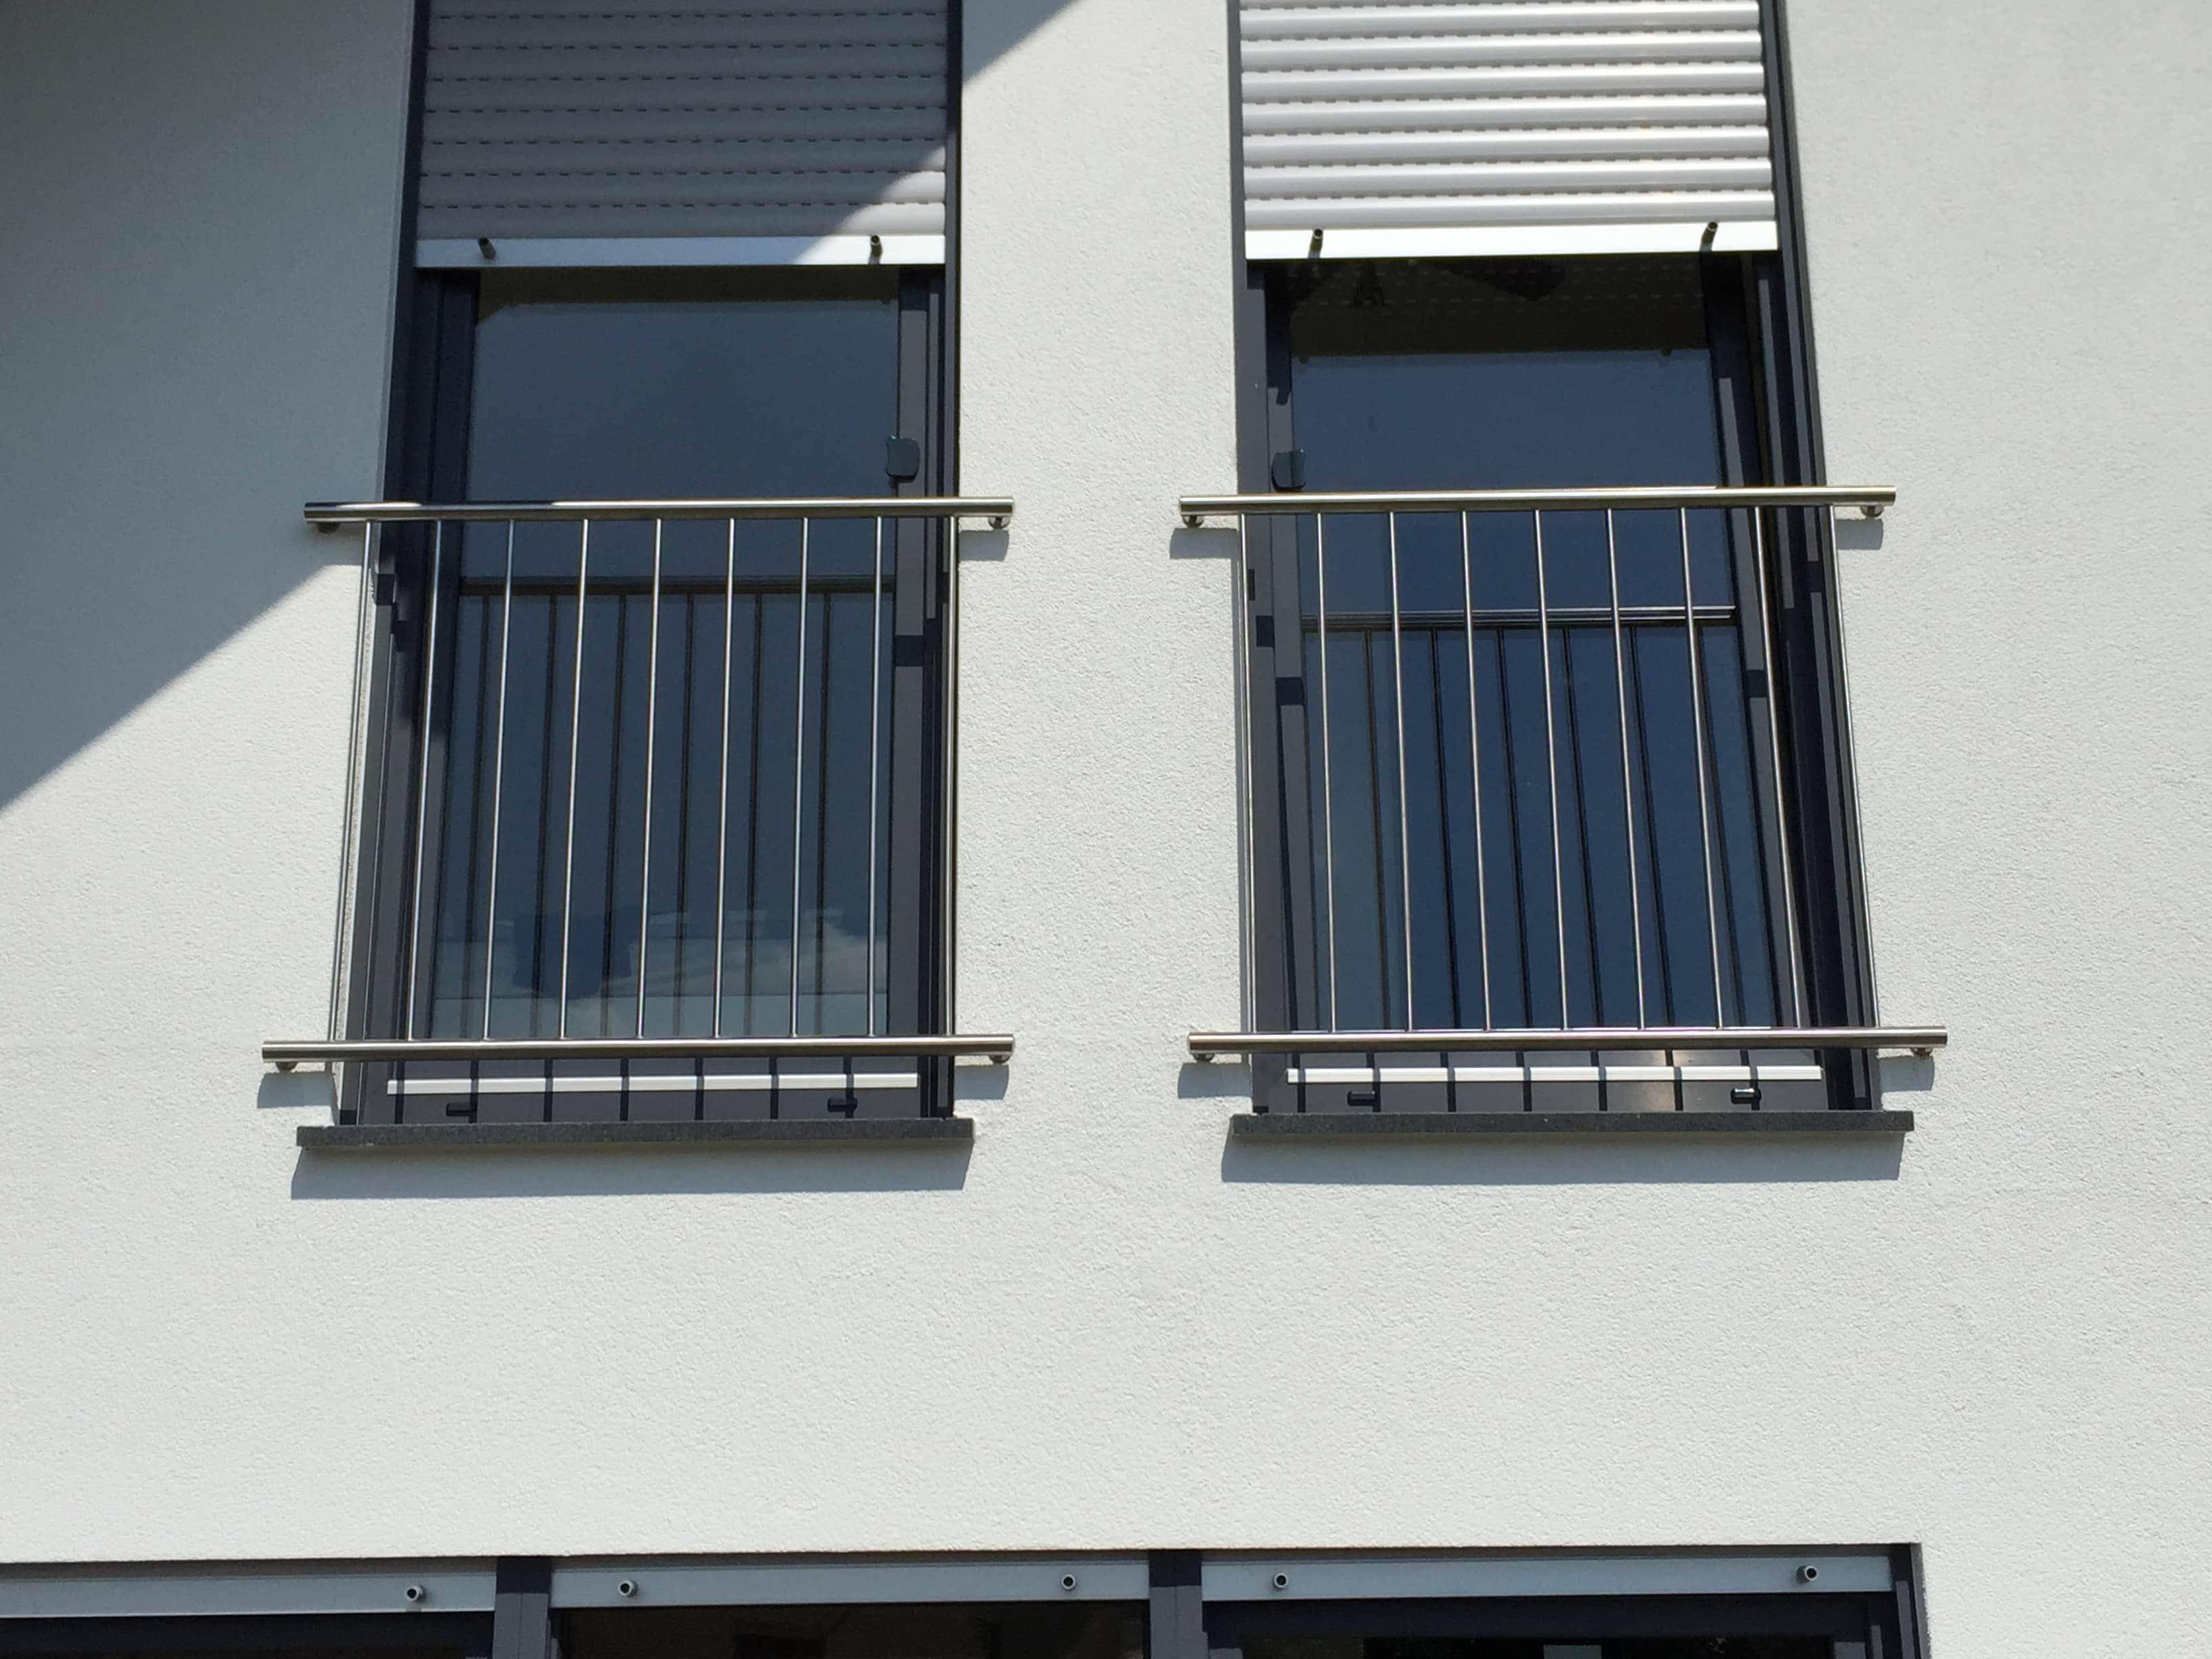 finden sie hier br stungen f r ihre fenster egal ob glas oder edelstahl. Black Bedroom Furniture Sets. Home Design Ideas